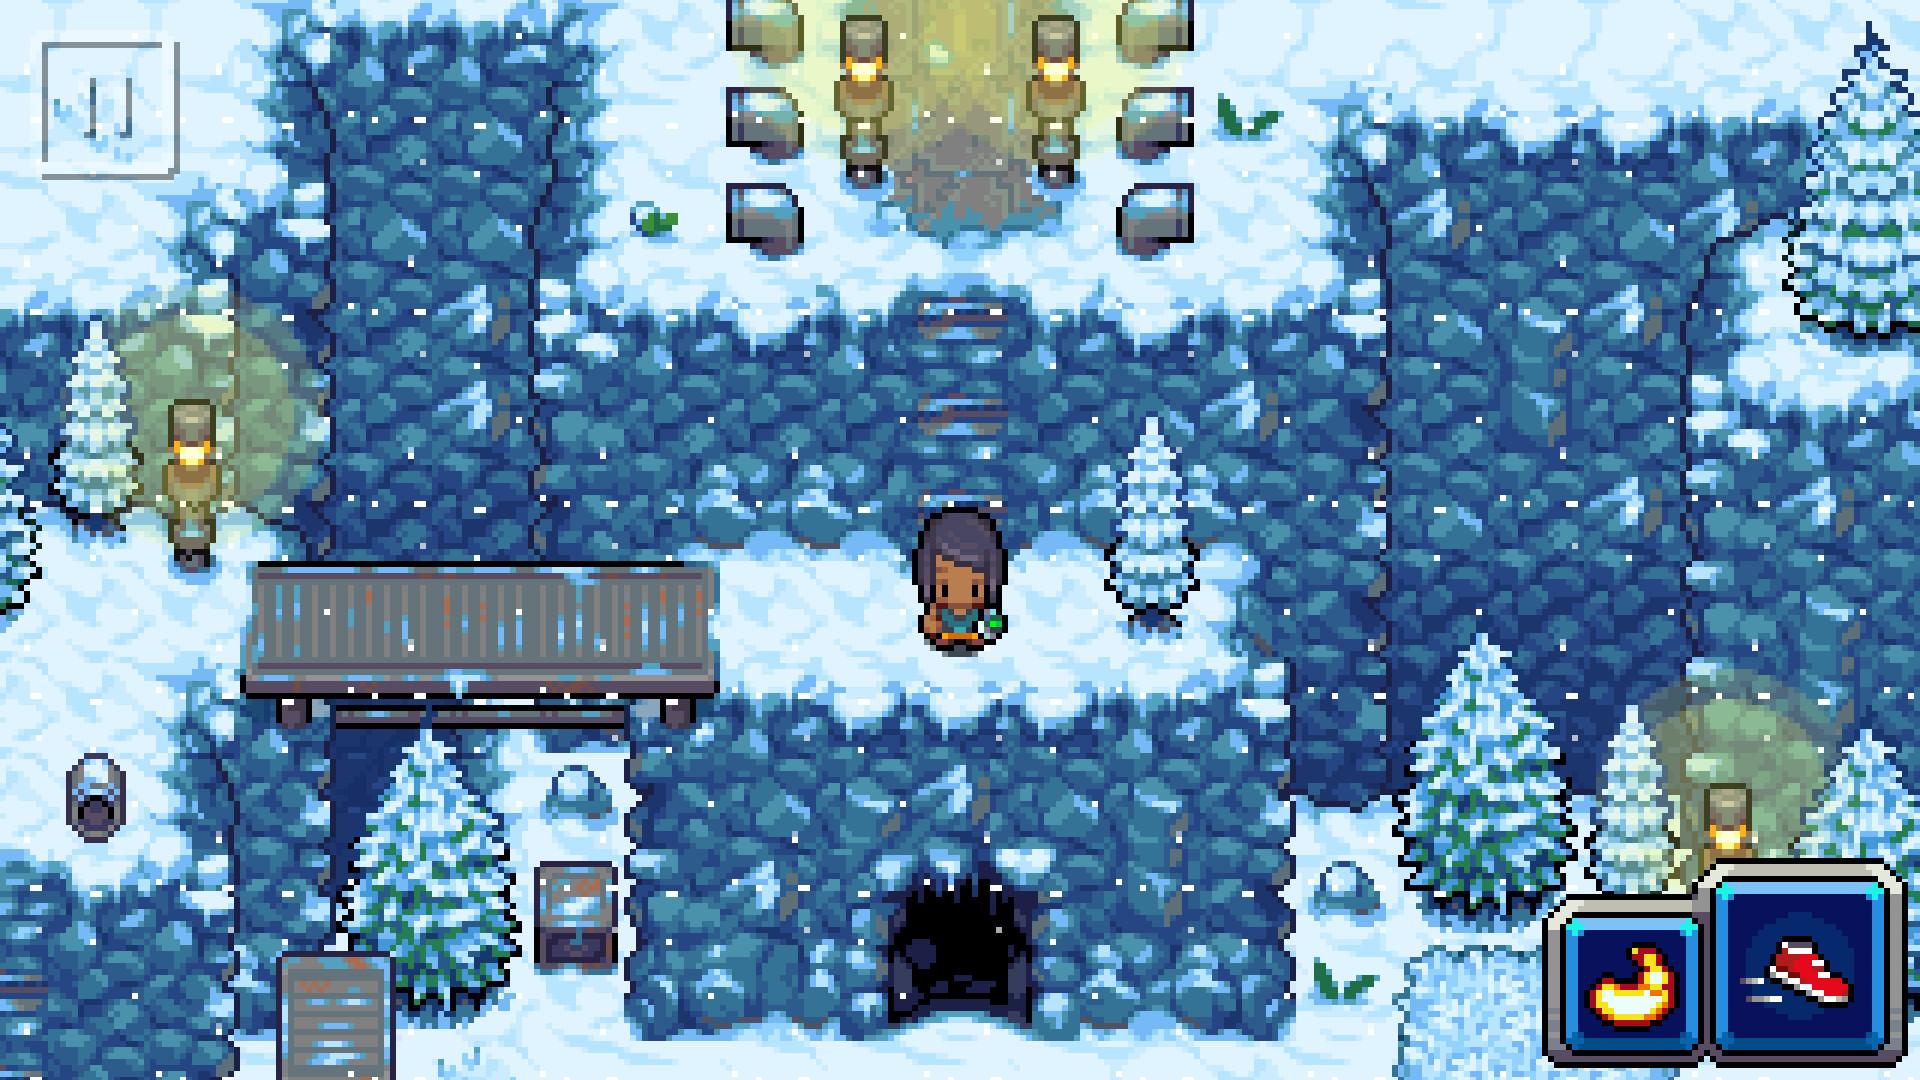 coromon-is-a-pokemon-like-monster-tamer-releasing-in-early-2022